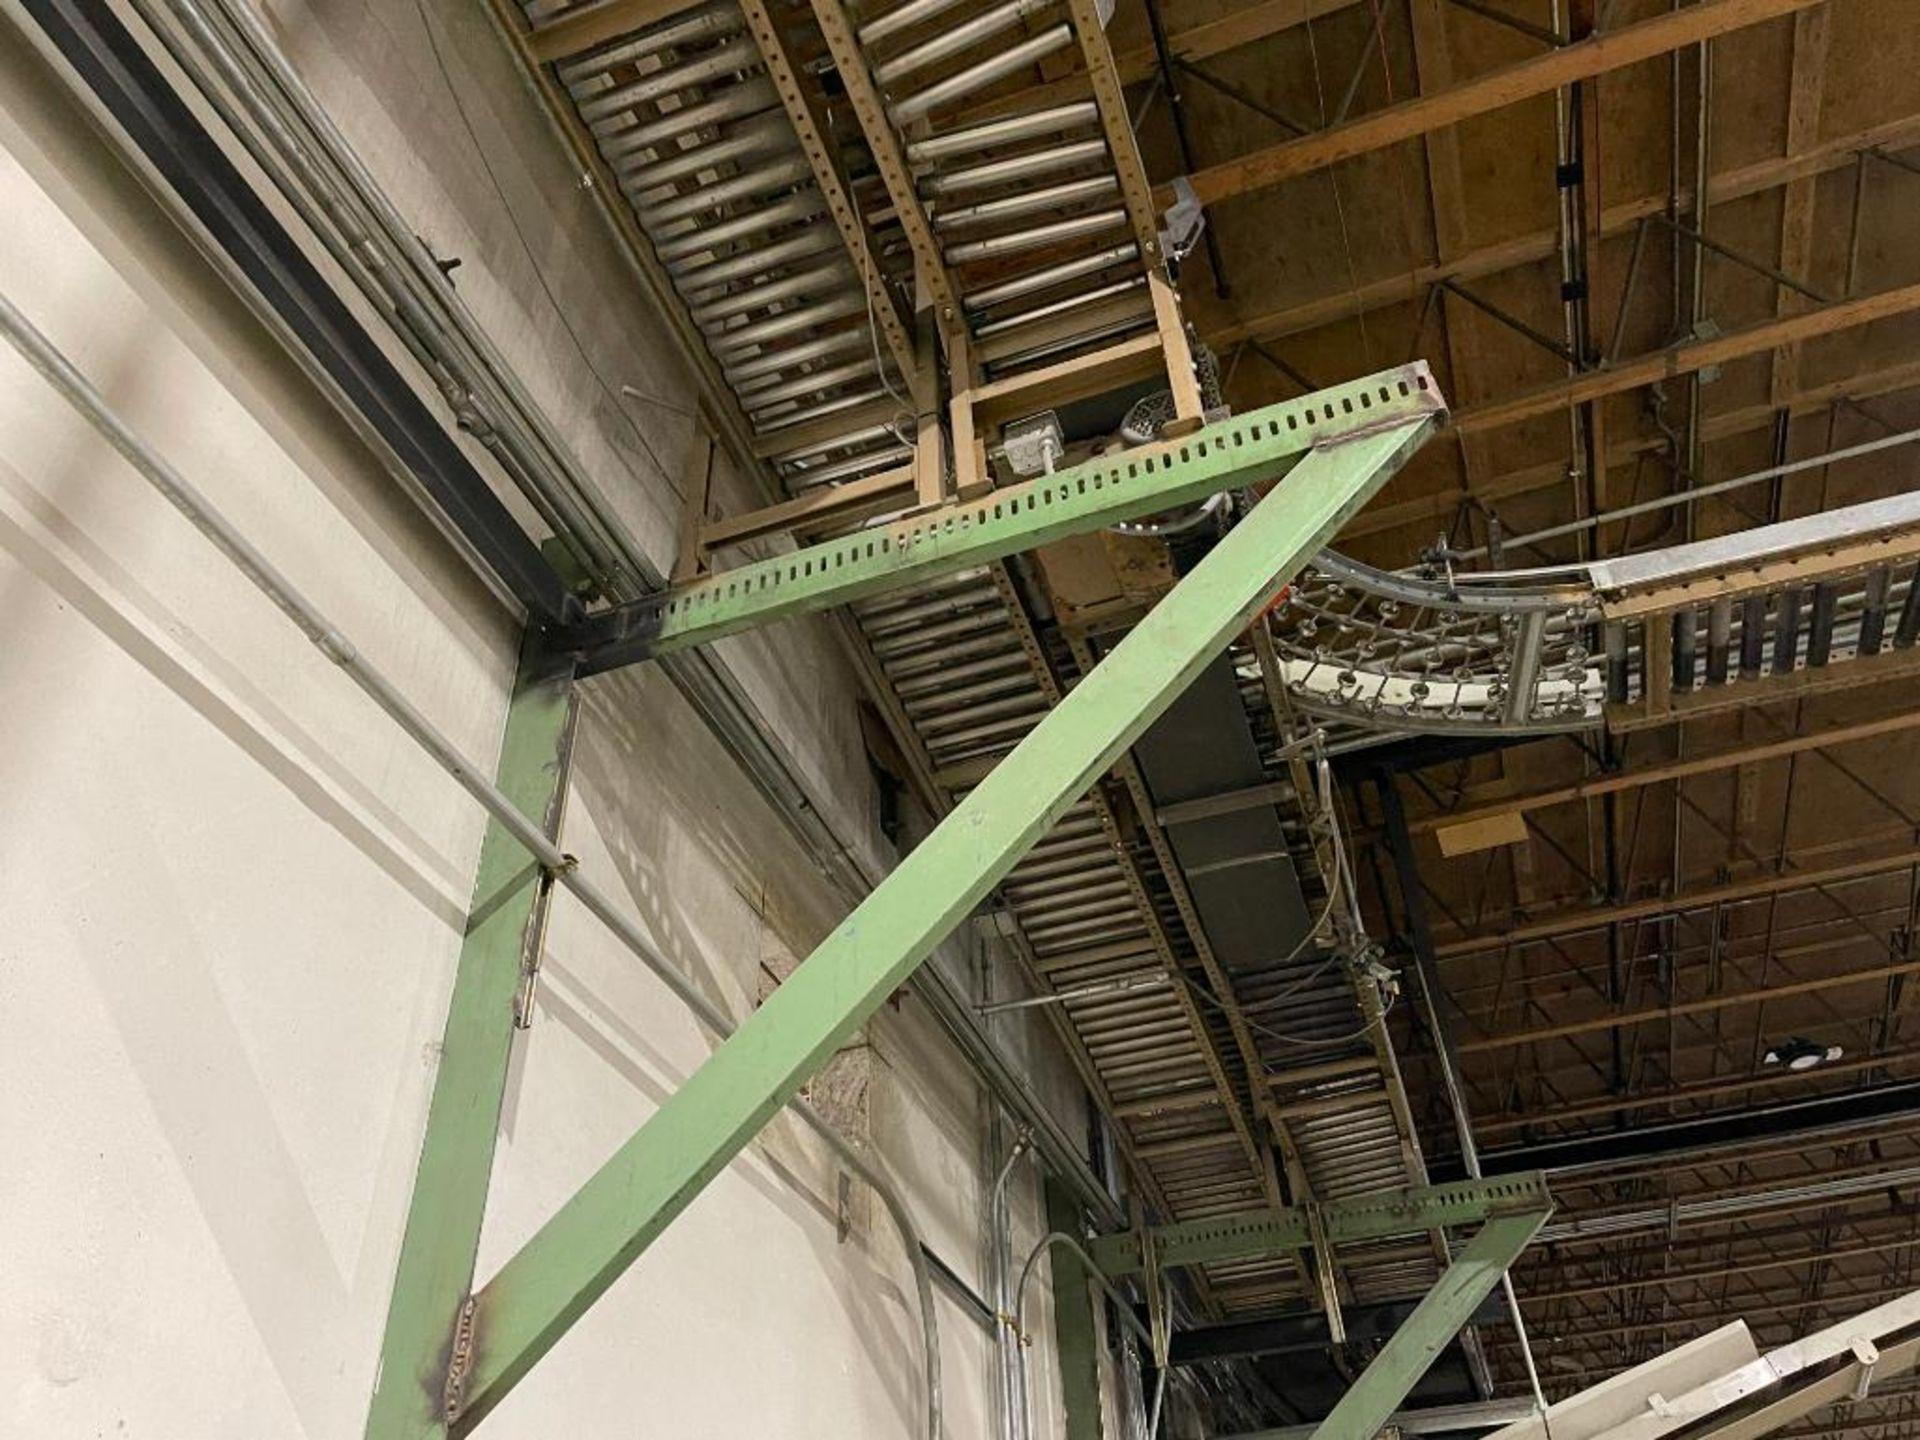 270 ft. of mild steel power roller and power belt overhead conveyor - Image 9 of 12